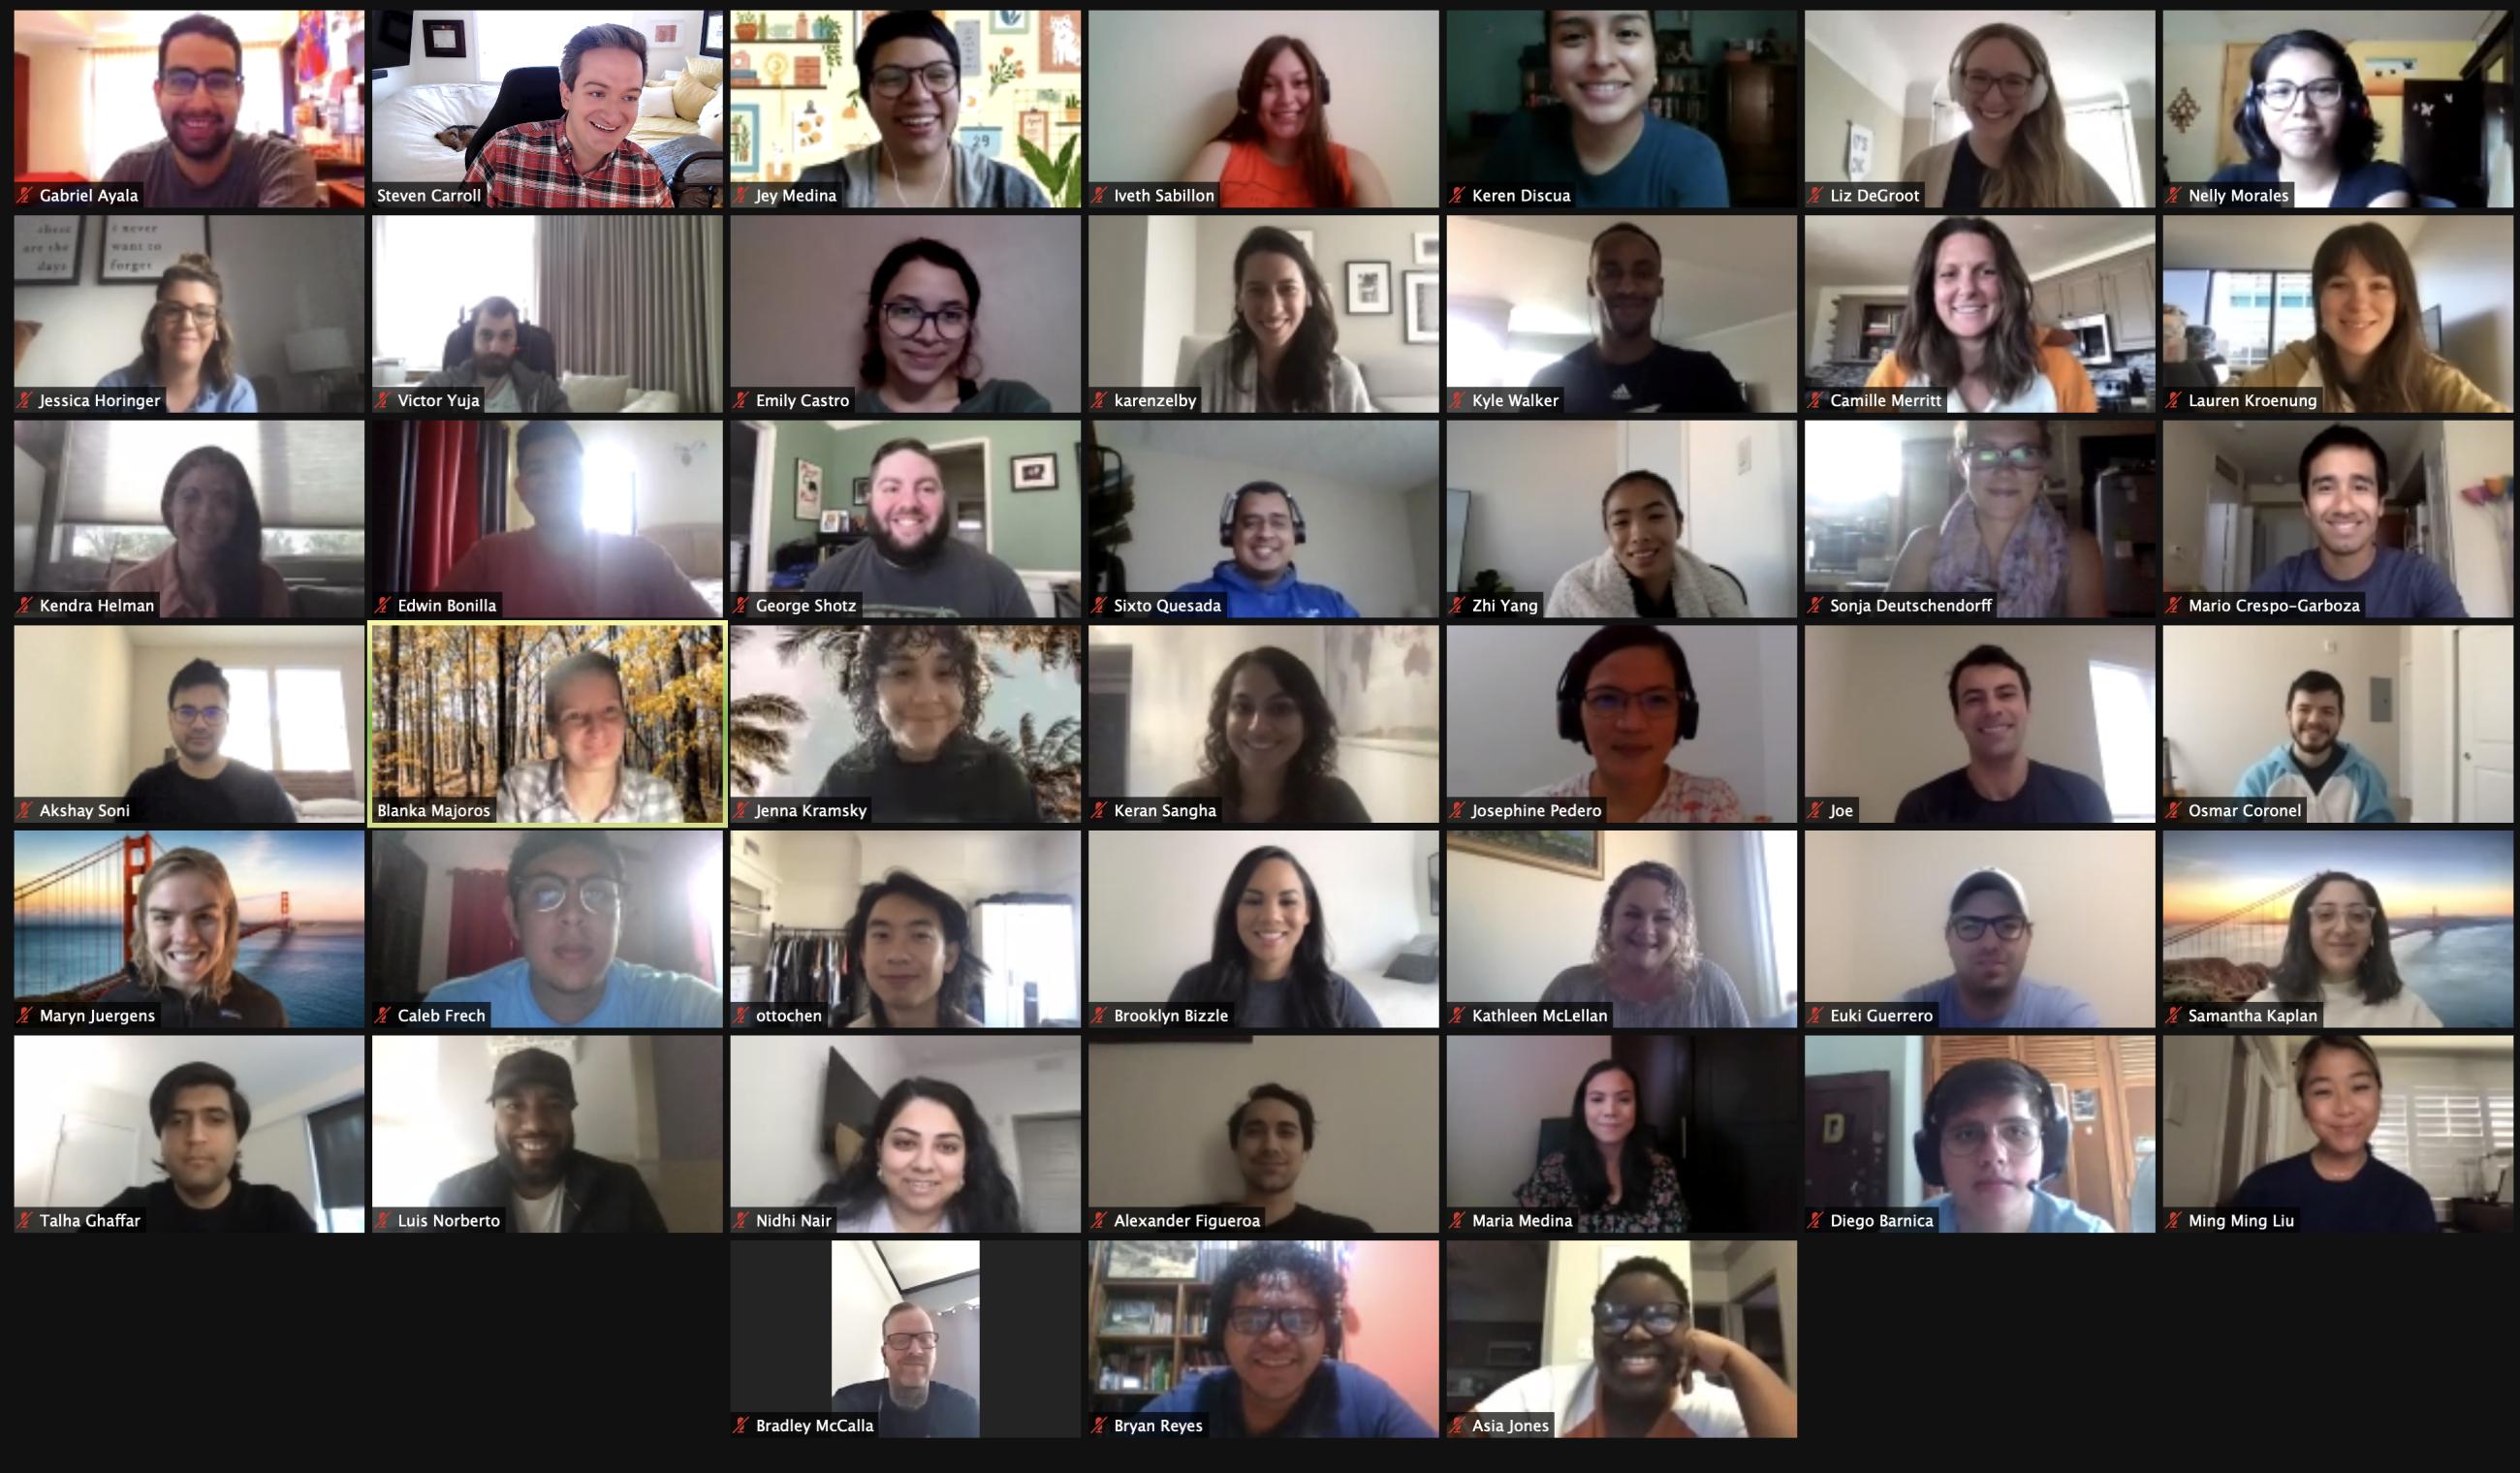 A screenshot of 45 Zoom participants